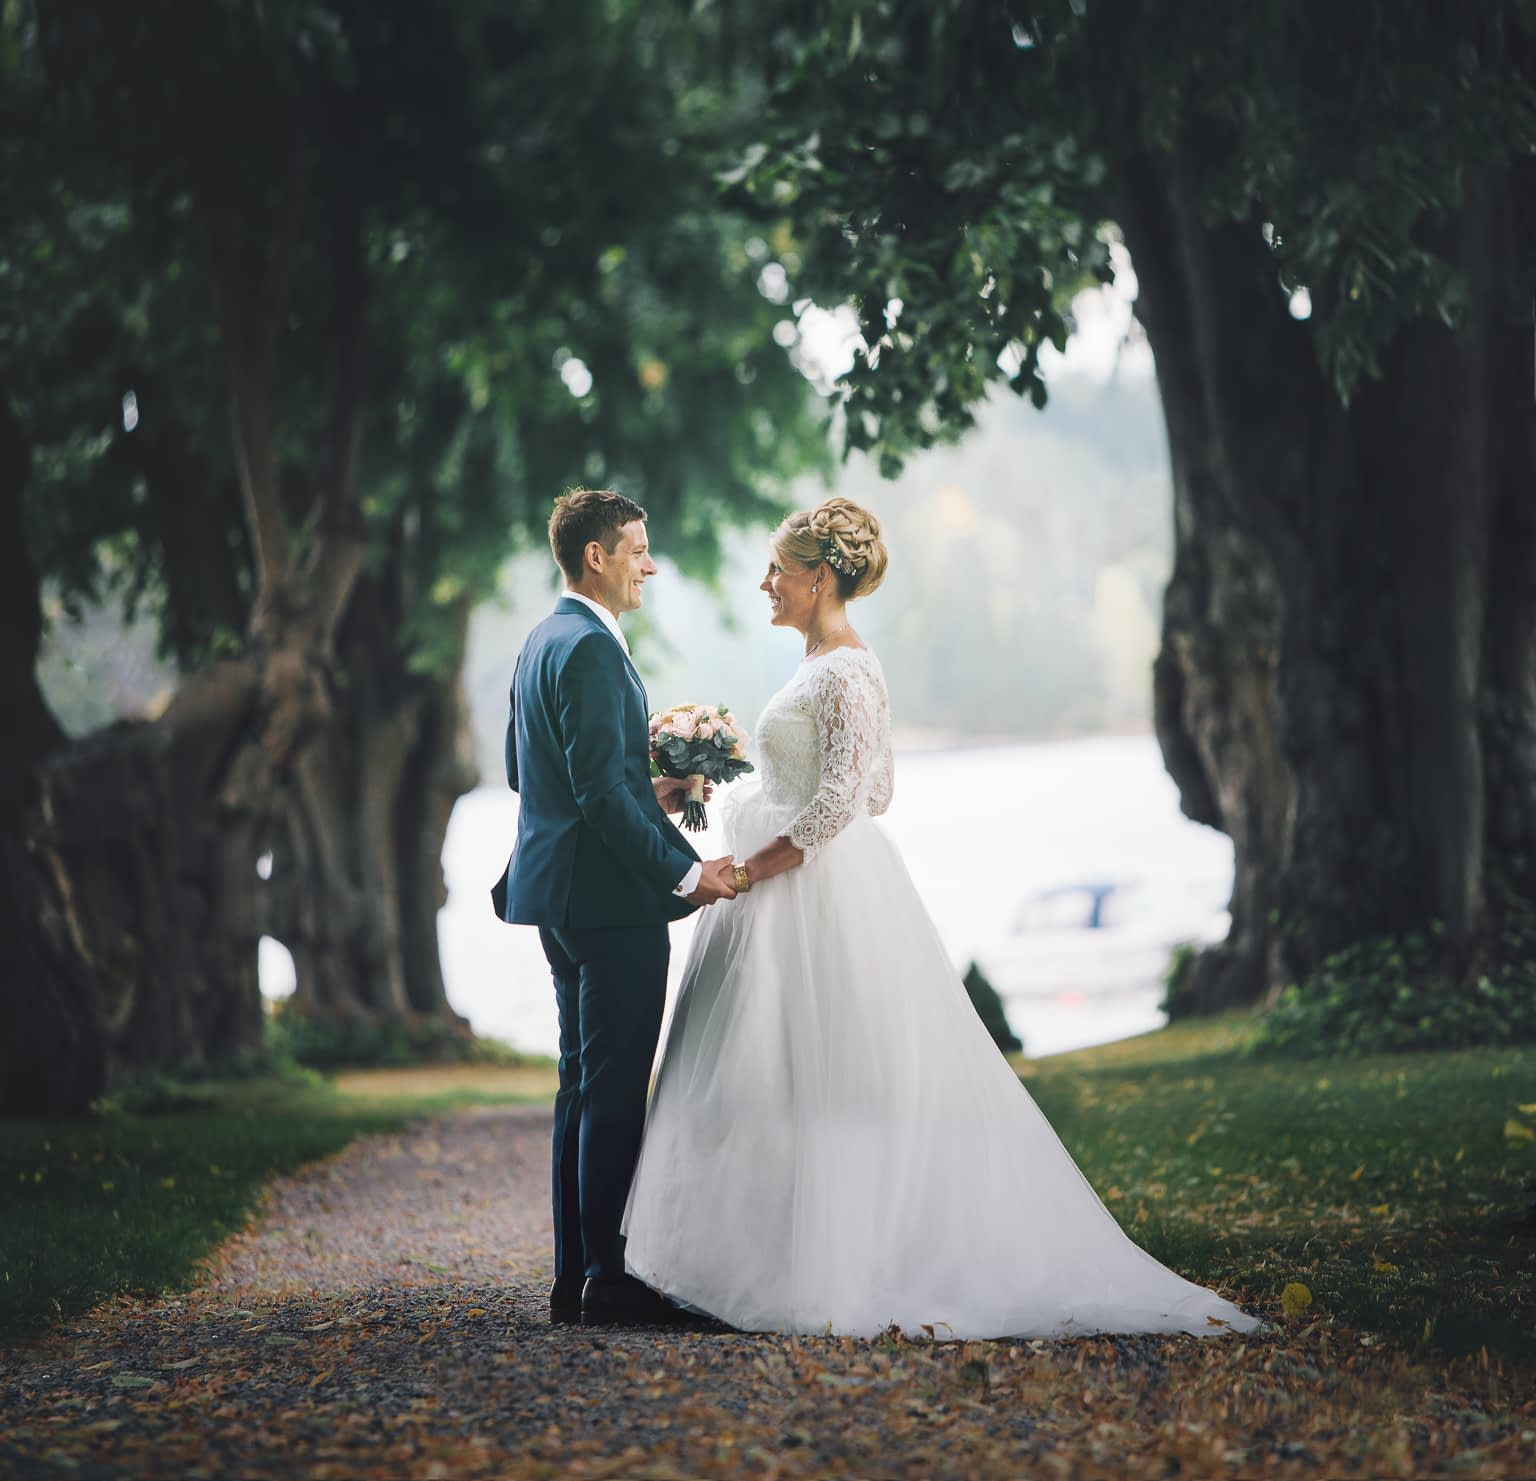 mieux photographie de mariage a la campagne française